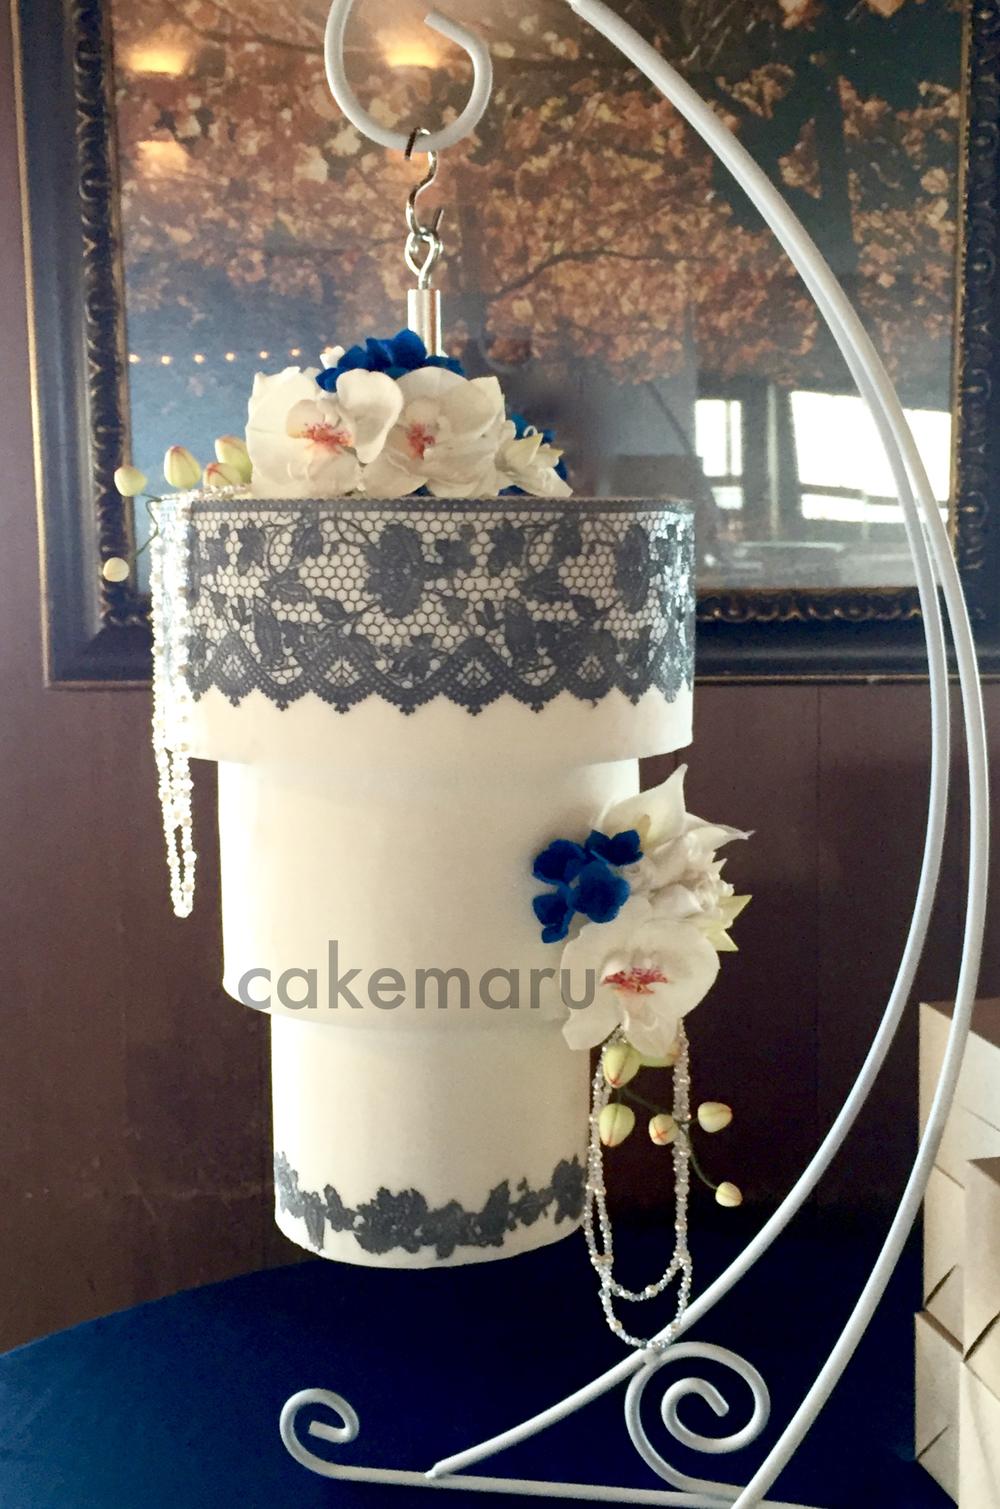 Chandelier Cake1.jpg